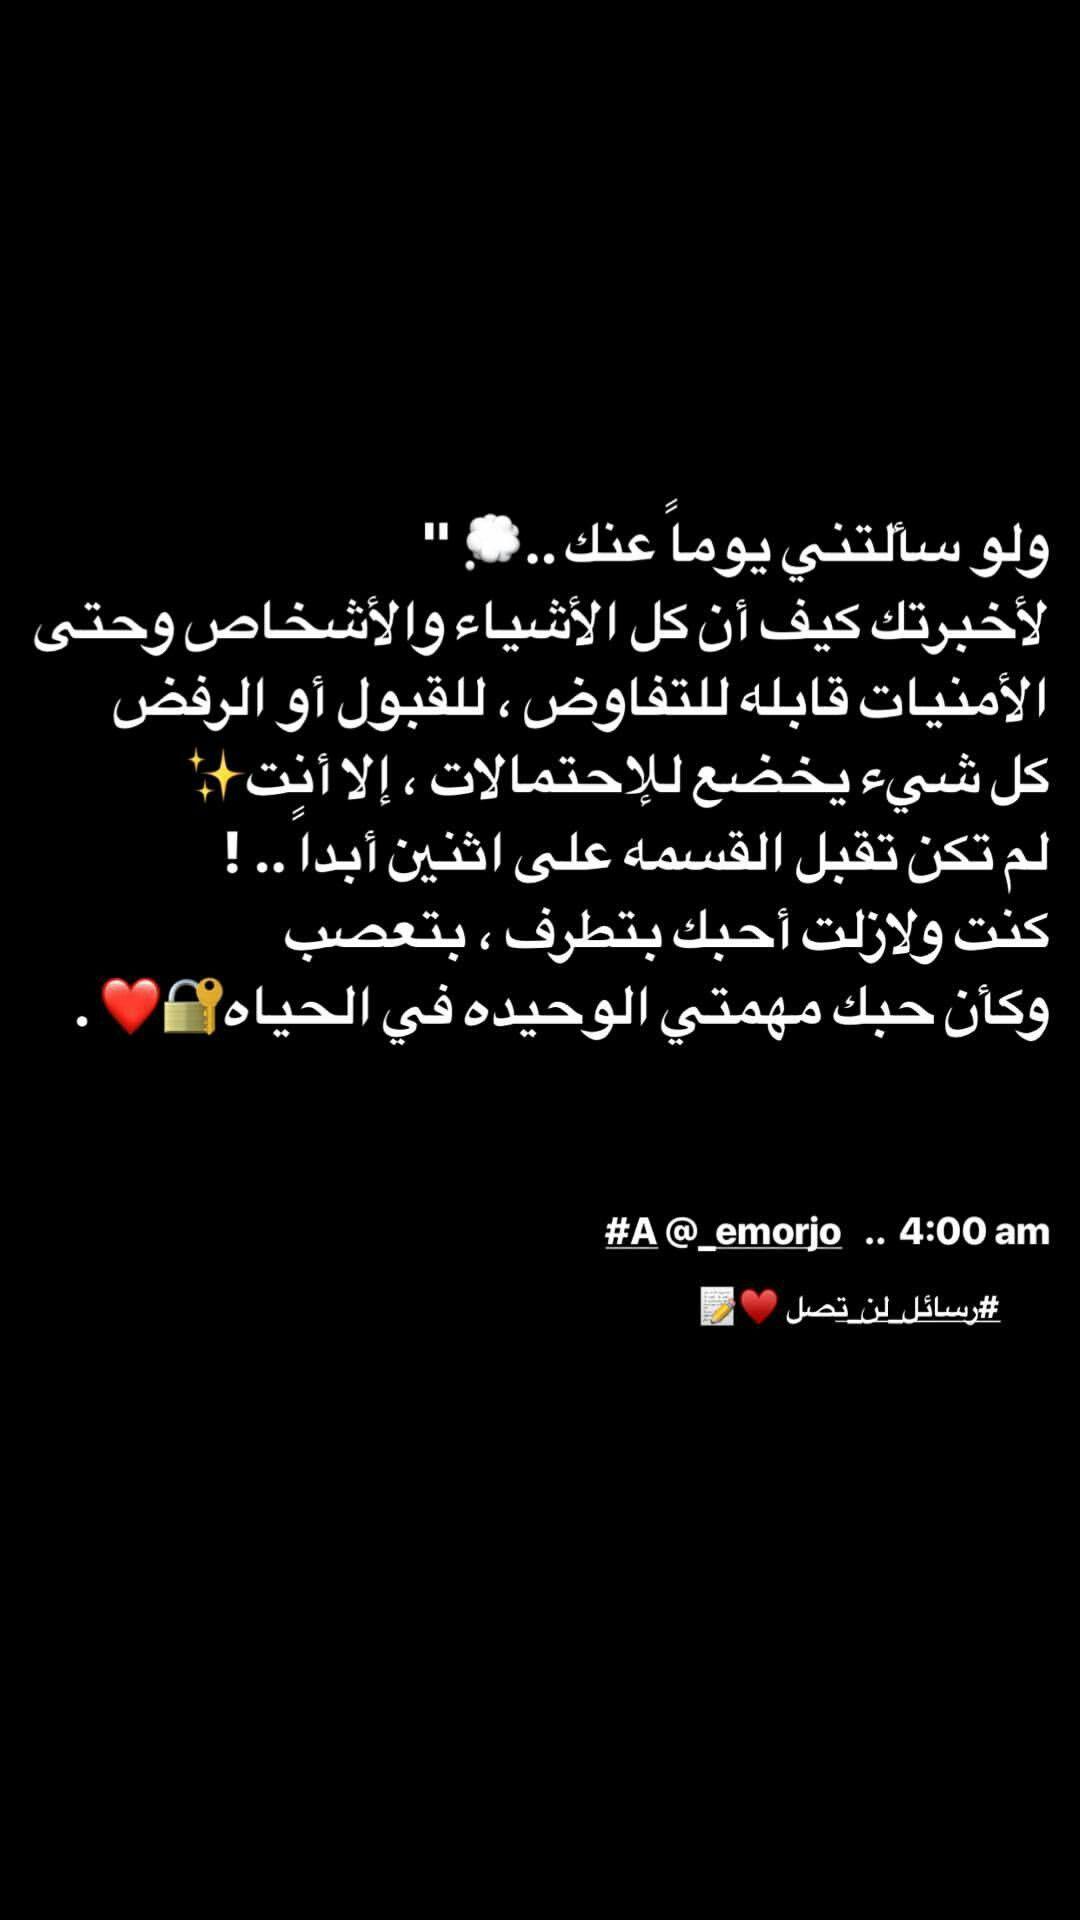 آسفة لأني أحبك بتعصب وتطرف وجنون وأنانية Words Quotes Really Good Quotes Funny Arabic Quotes